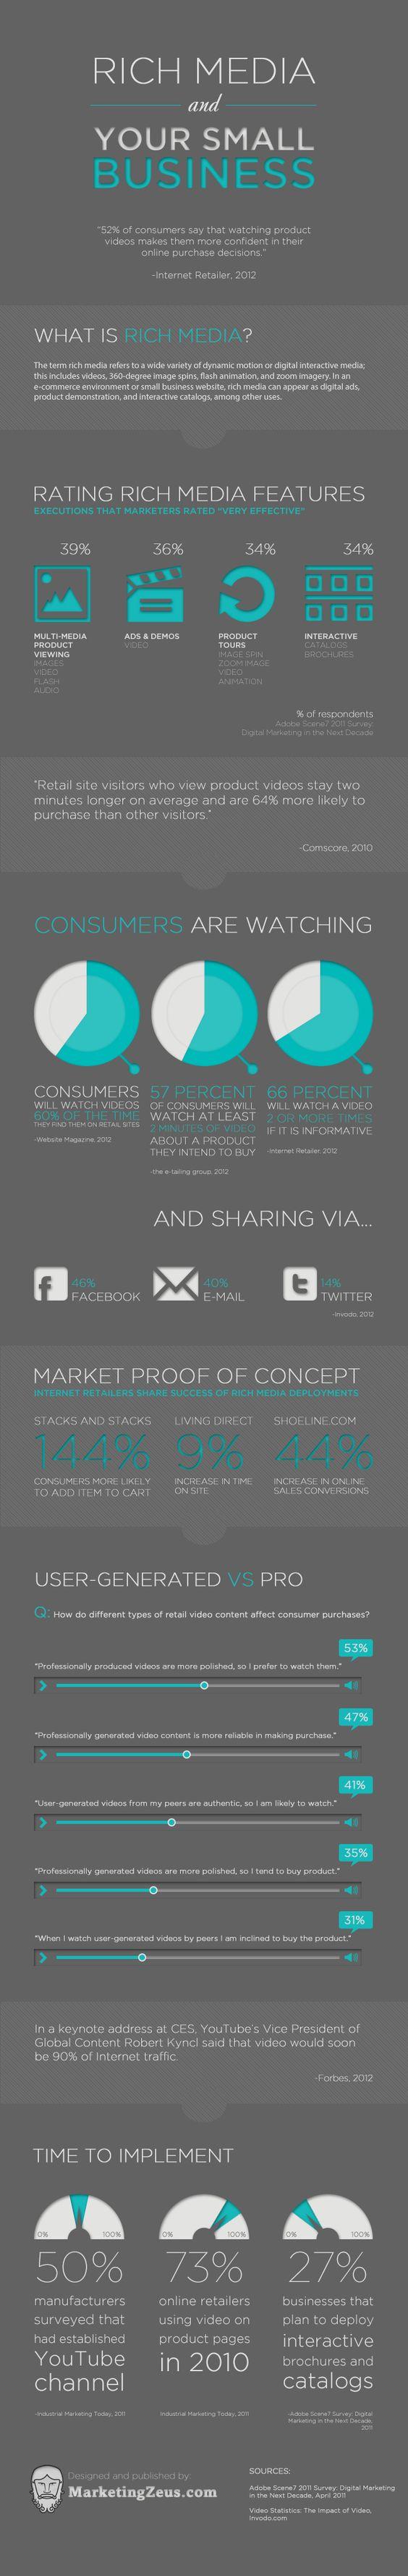 Kleine Unternehmen in den Medien - Lohnt sich das?